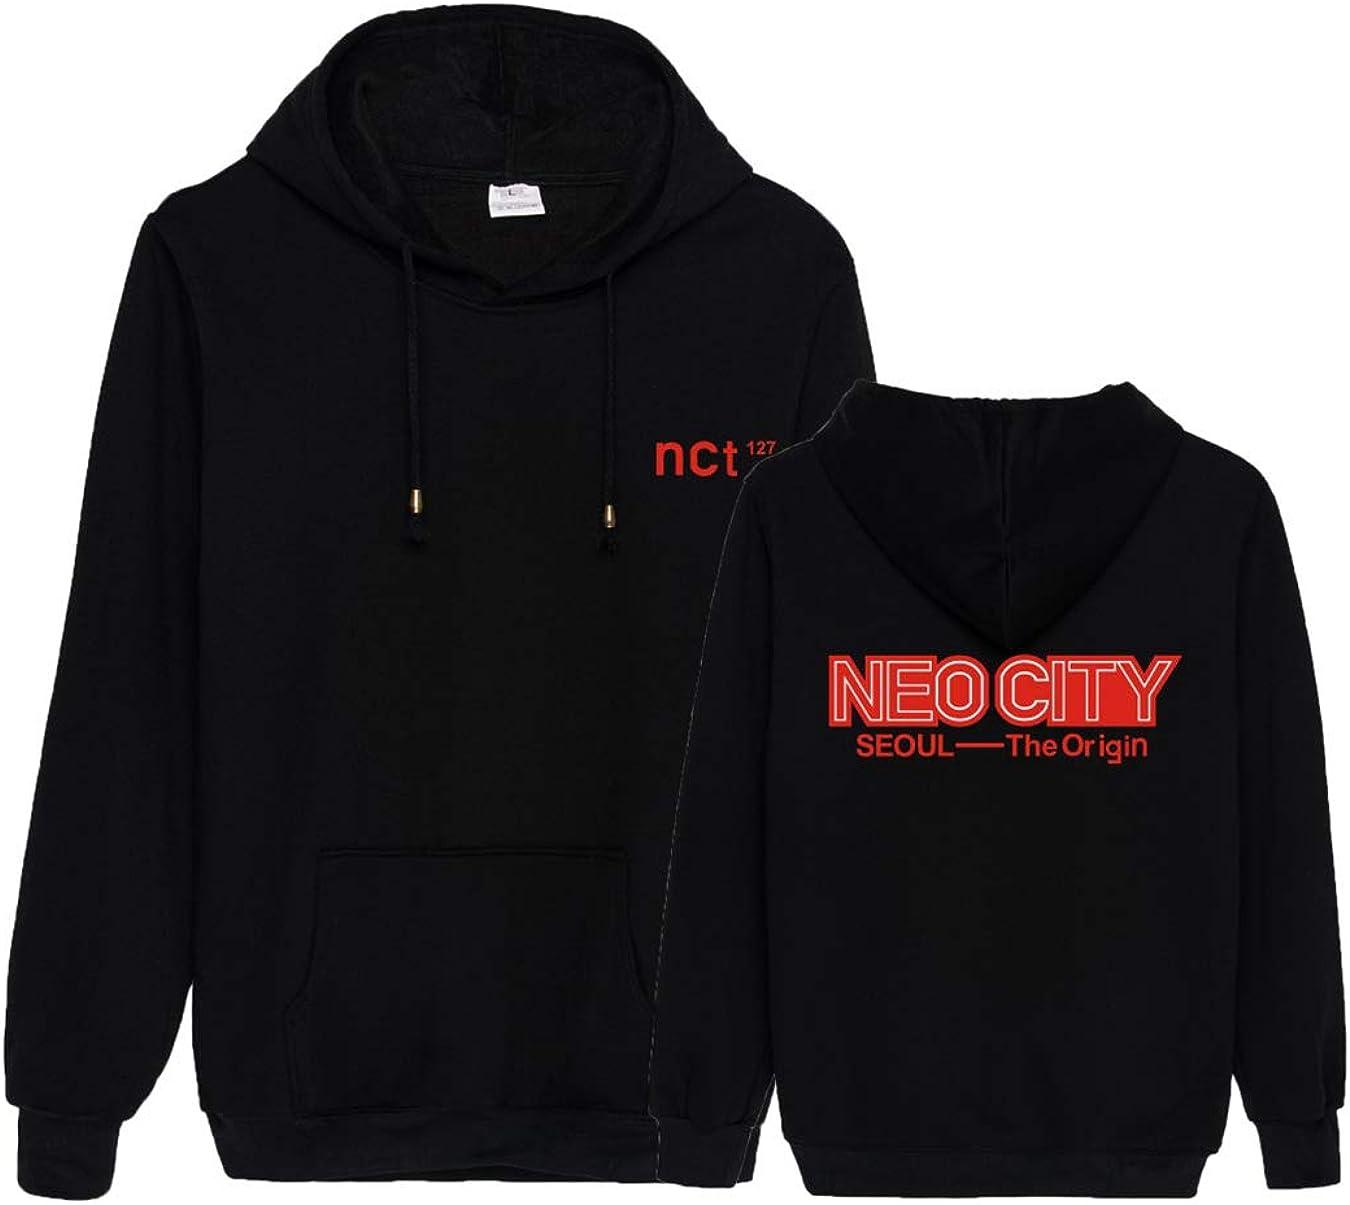 KPOP New NCT127 Hoodie Round Neck Unisex Sweatershirt Haechan MARK Coat Sweaster